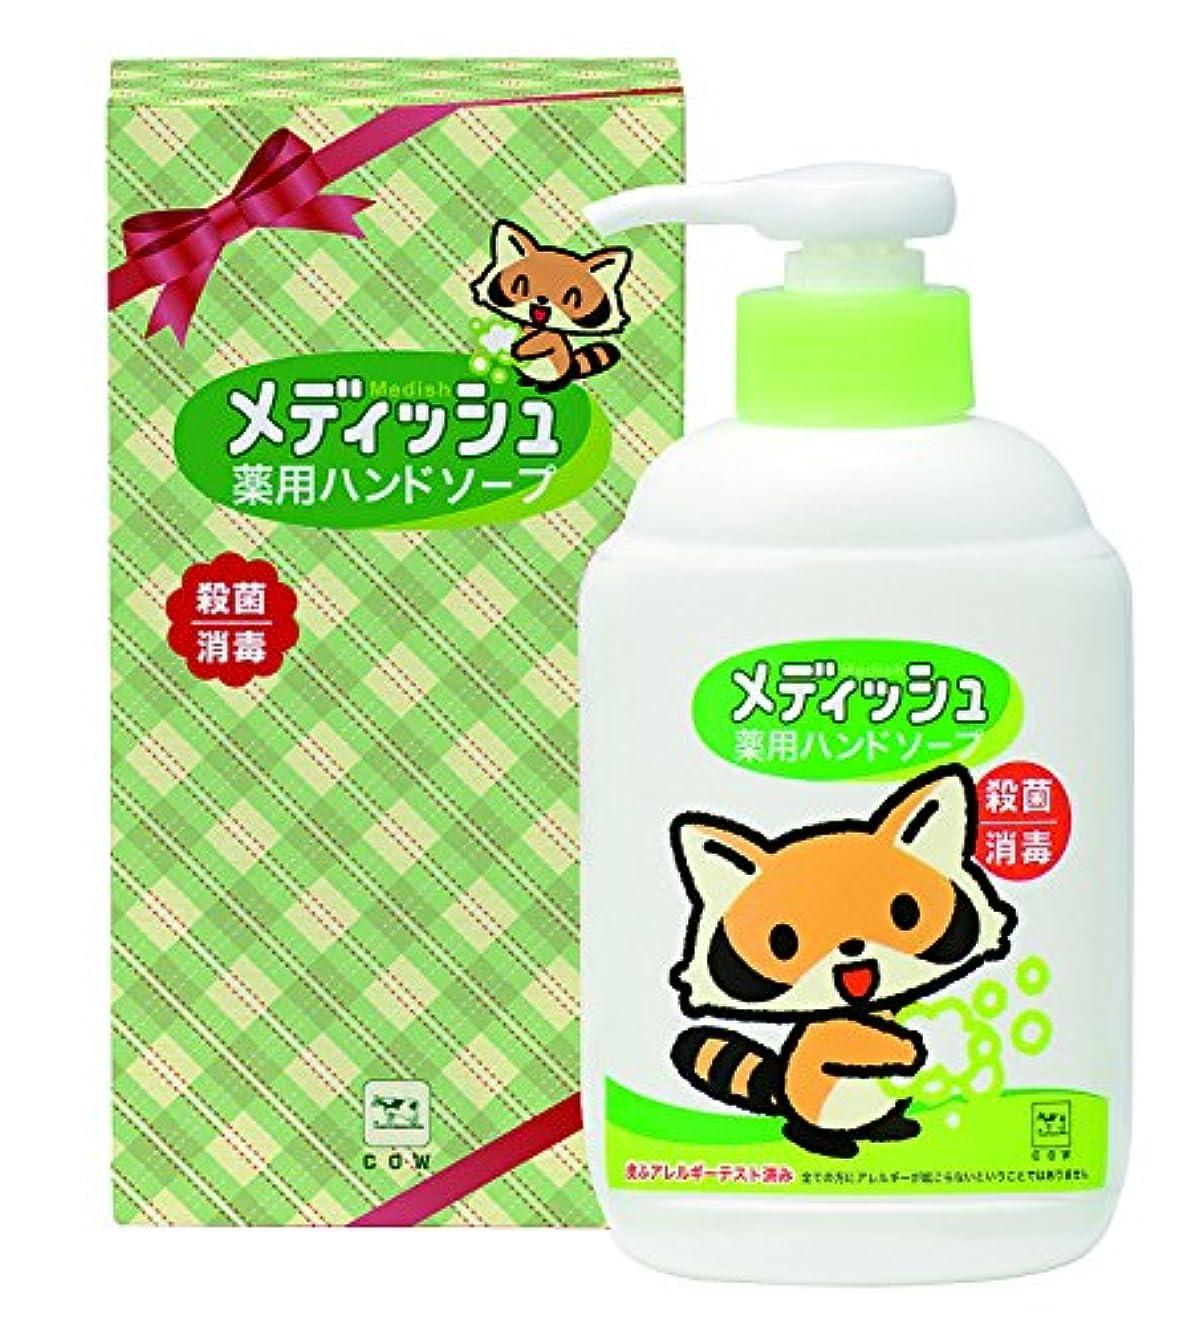 予想する文芸支店牛乳石鹸 メディッシュ 薬用ハンドソープ 250mlMS35